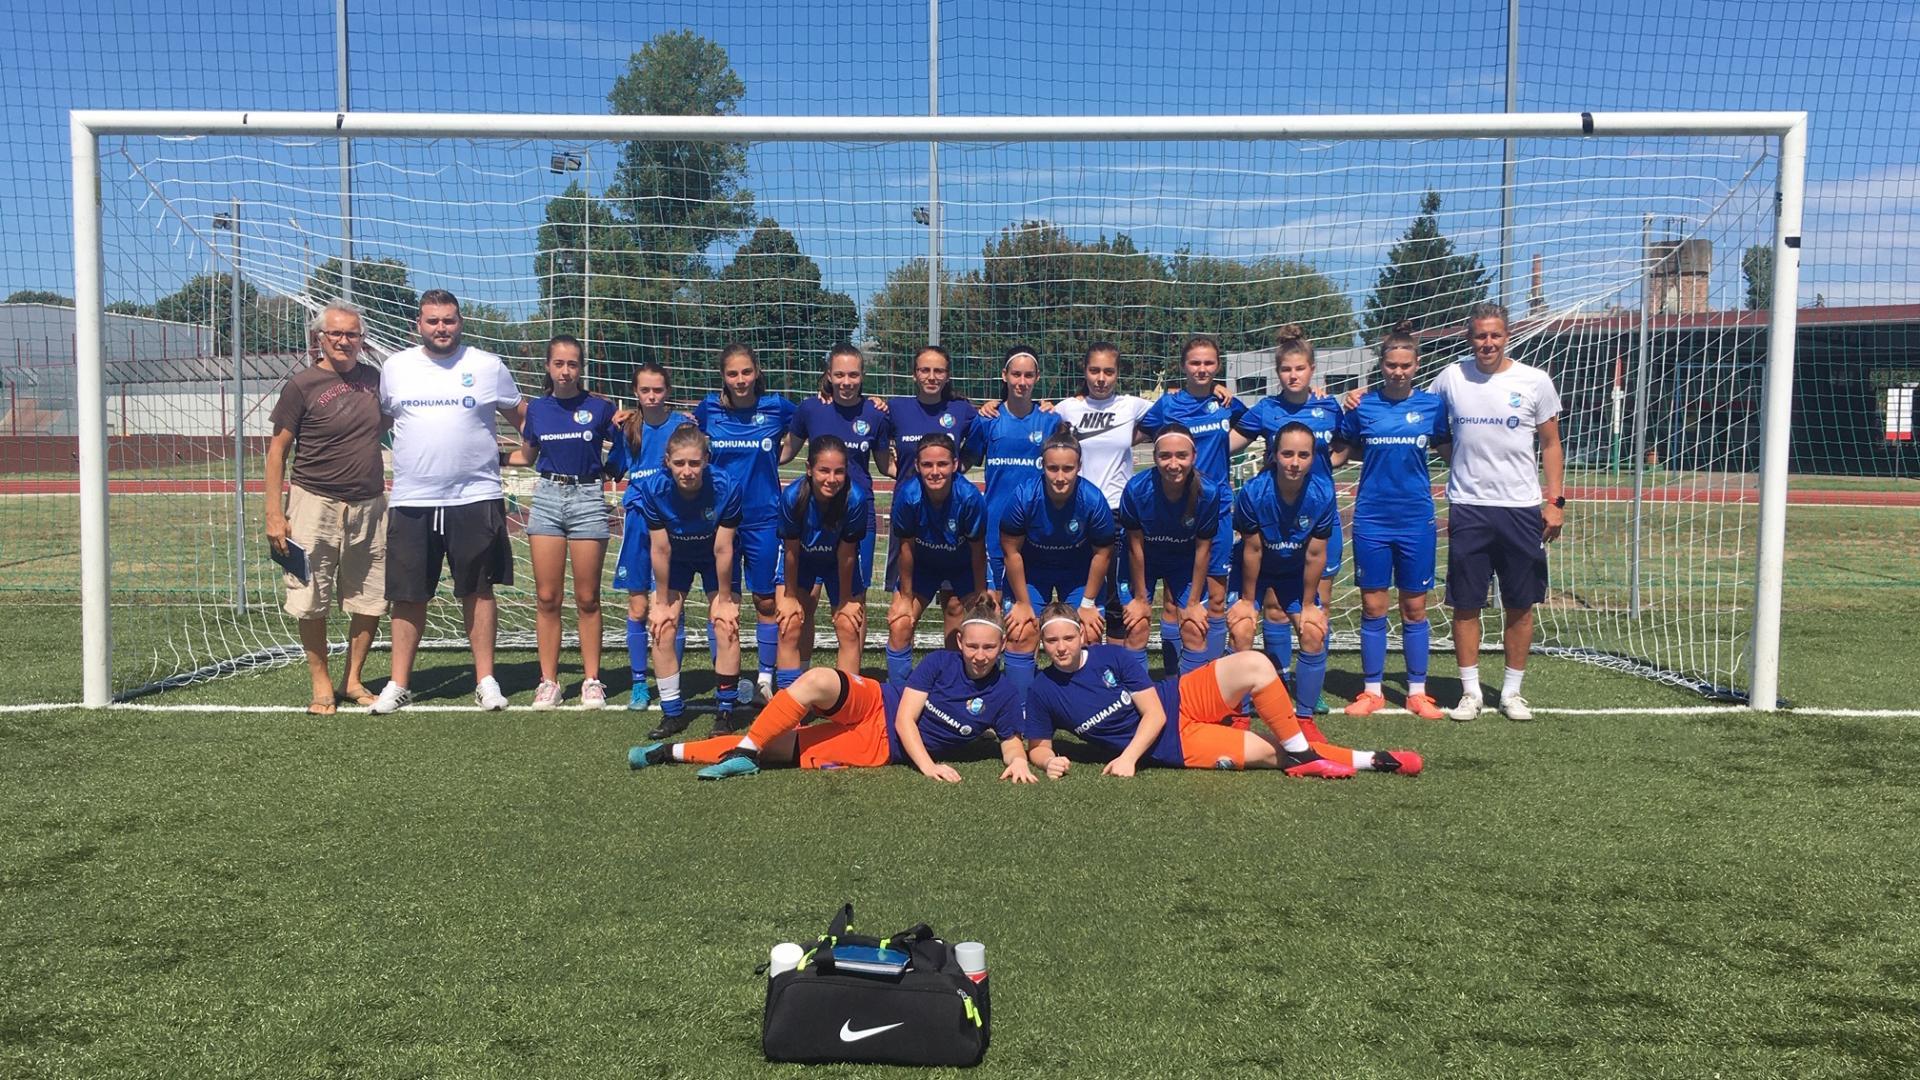 U19: Tizenhárom gólig meg sem álltunk az FC Hatvan ellen